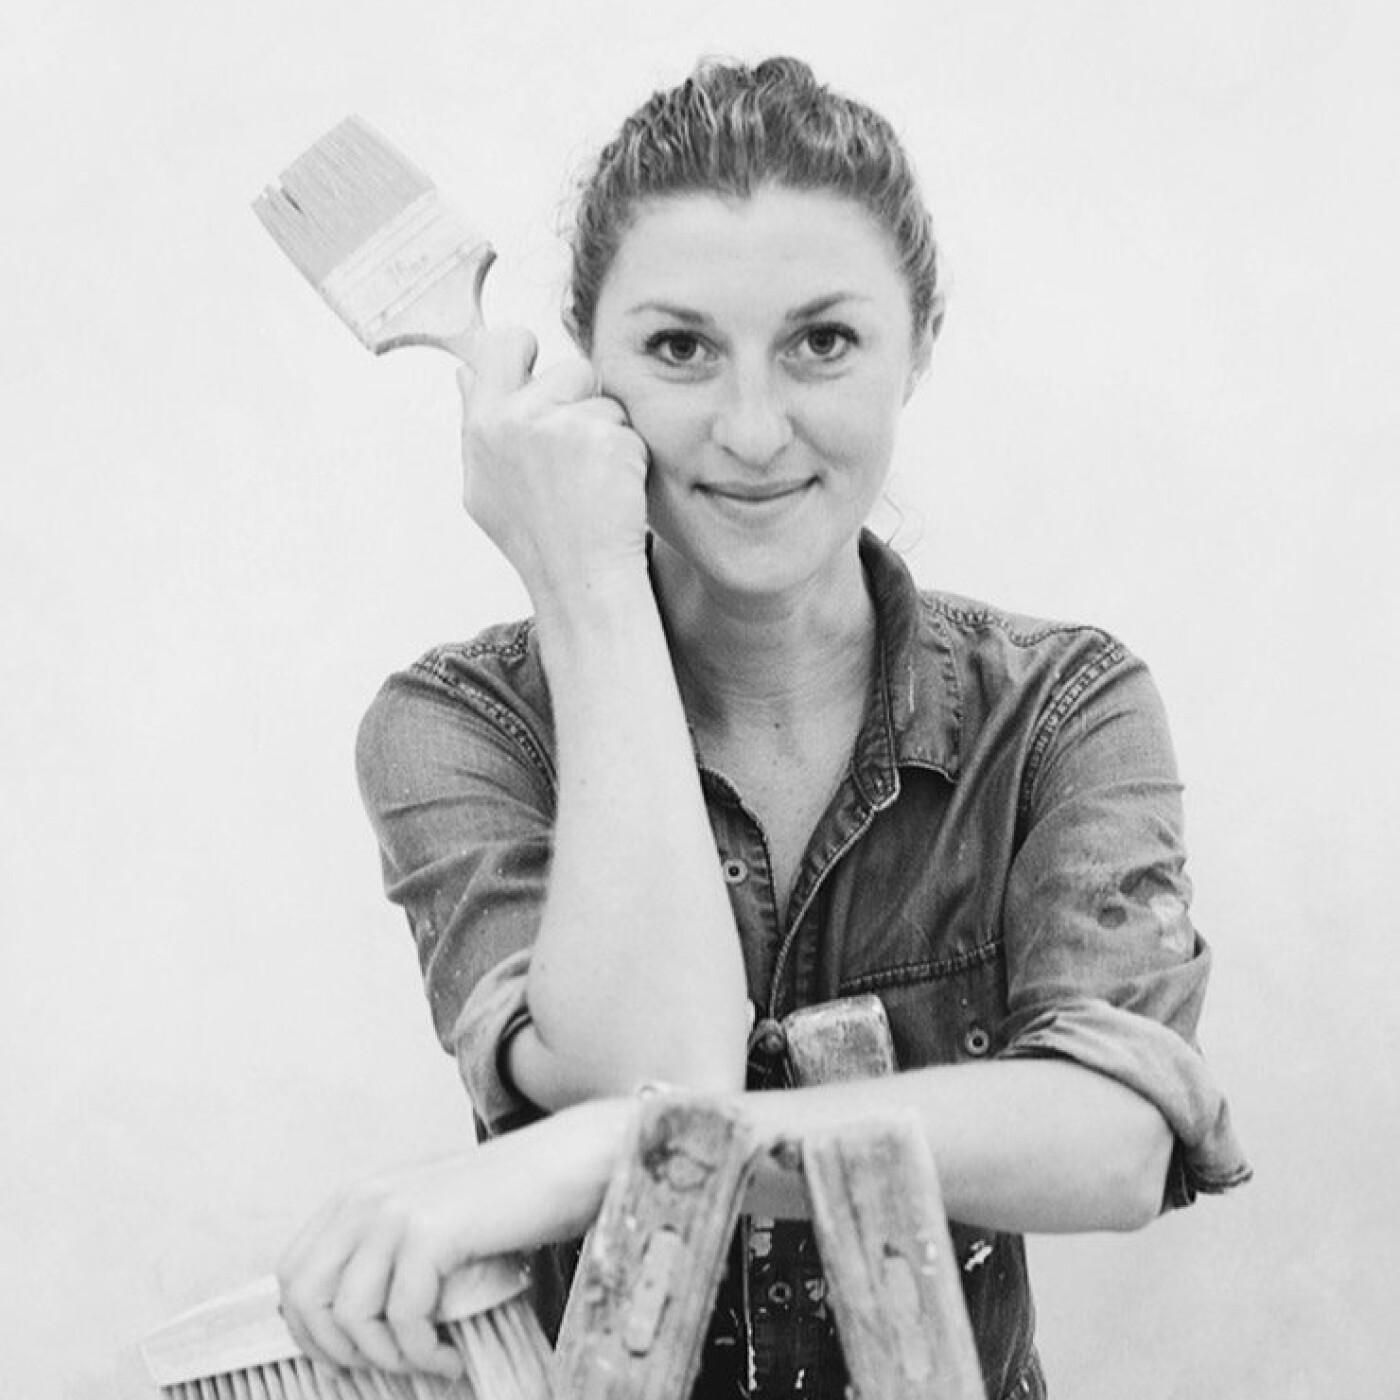 Elsa parle de son Trophée Culture & Art et de son actualité - 09 09 2021 - StereoChic Radio